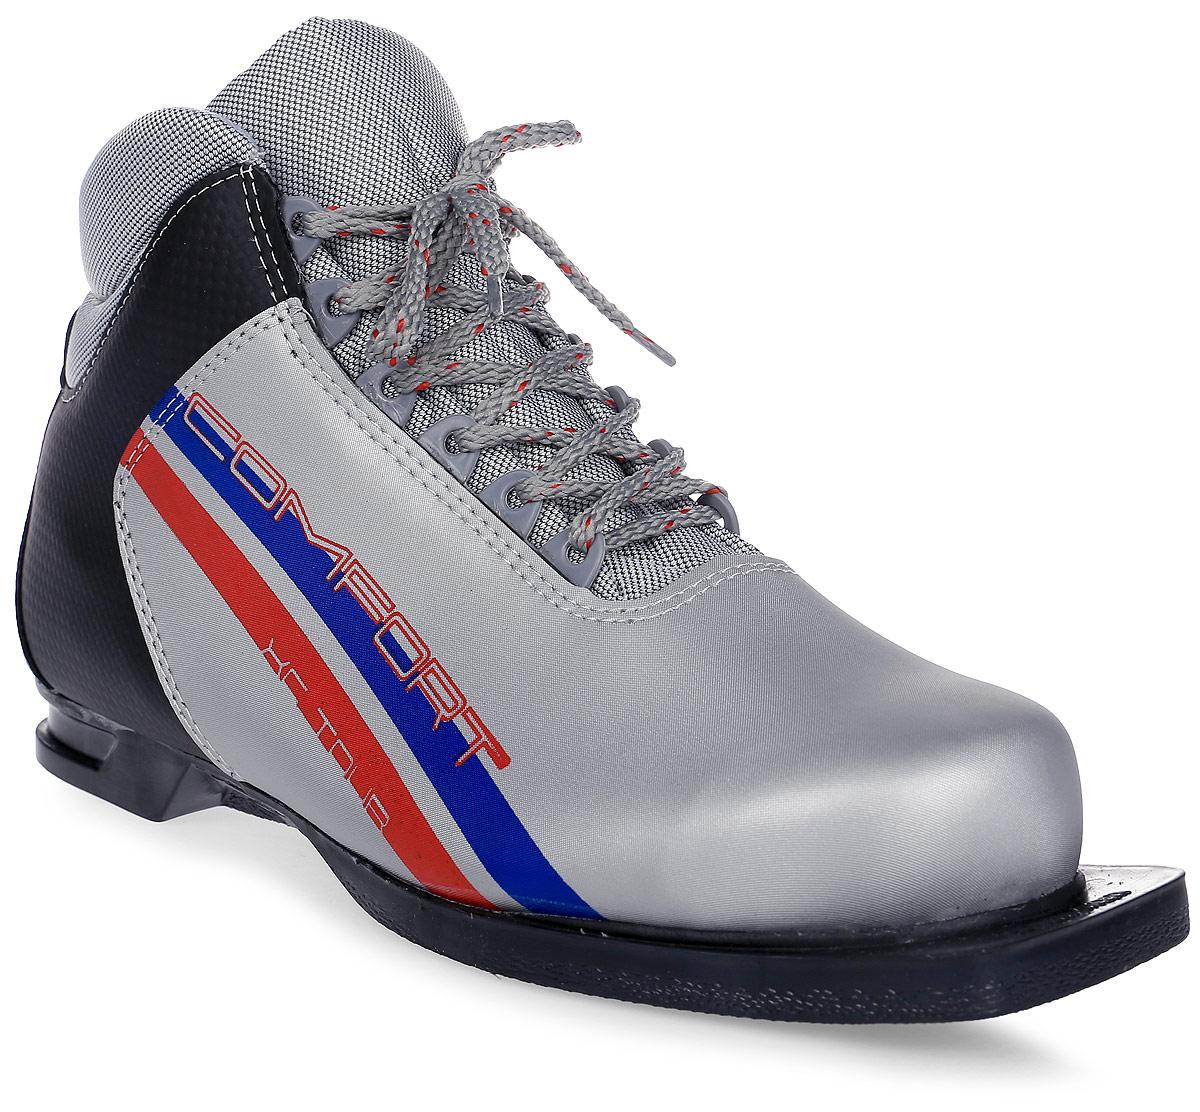 Ботинки лыжные Marax, цвет: серебряный, черный, красный. М350. Размер 42M 350Лыжные ботинки Marax предназначены для активного отдыха. Модельизготовлена из морозостойкой искусственной кожи и текстиля. Подкладкавыполнена из искусственного меха и флиса, благодаря чему ваши ноги всегдабудут в тепле. Шерстяная стелька комфортна при беге. Вставка на задникеобеспечивает дополнительную жесткость, позволяя дольше сохранятьпервоначальную форму ботинка и предотвращать натирание стопы. Ботинкиснабжены шнуровкой с пластиковыми петлями и язычком-клапаном, которыйзащищает от попадания снега и влаги. Подошва системы 75 мм издвухкомпонентной резины является надежной и весьма простой системойкрепежа и позволяет безбоязненно использовать ботинокдо -25°С. В таких лыжных ботинках вам будет комфортно и уютно.